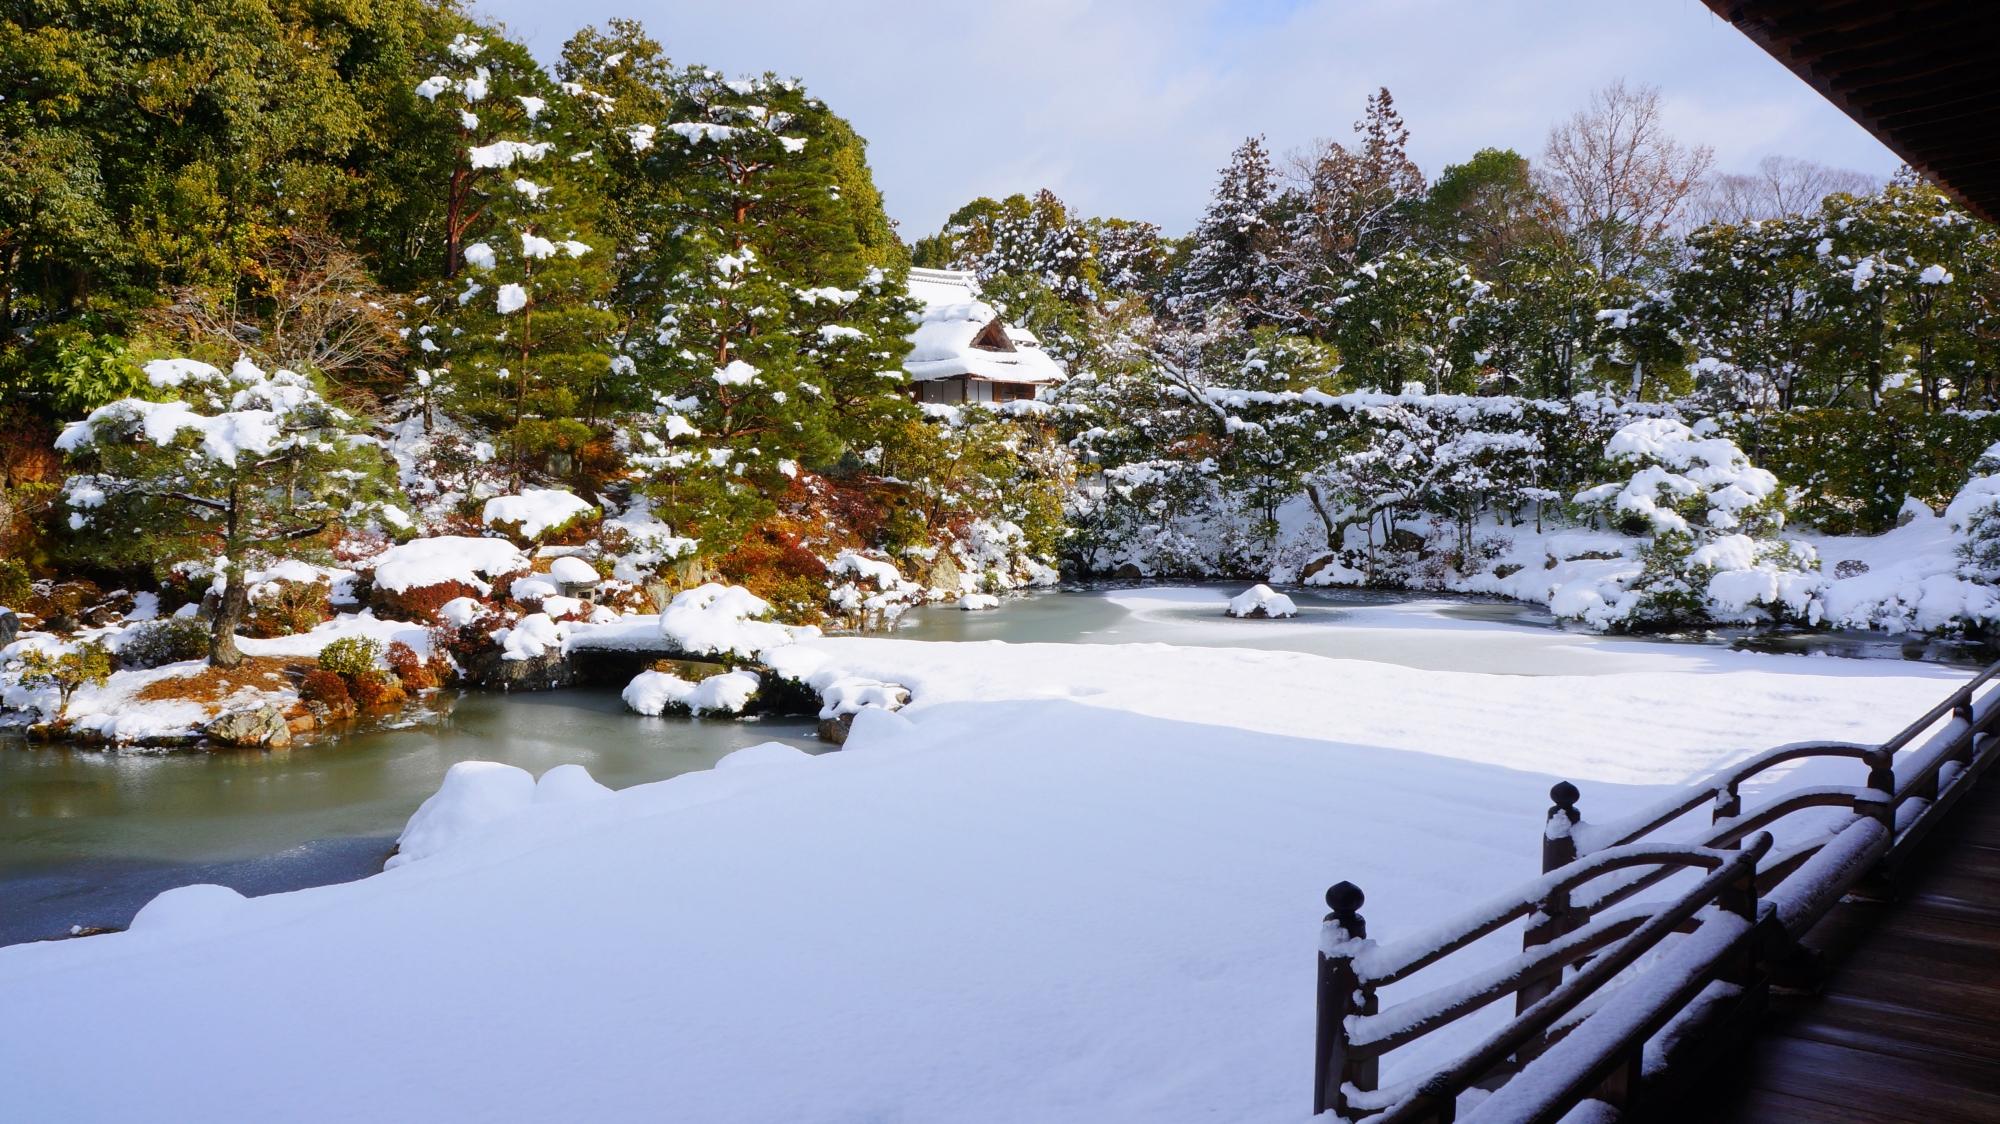 仁和寺の一面真っ白な雪で覆われた御殿北庭